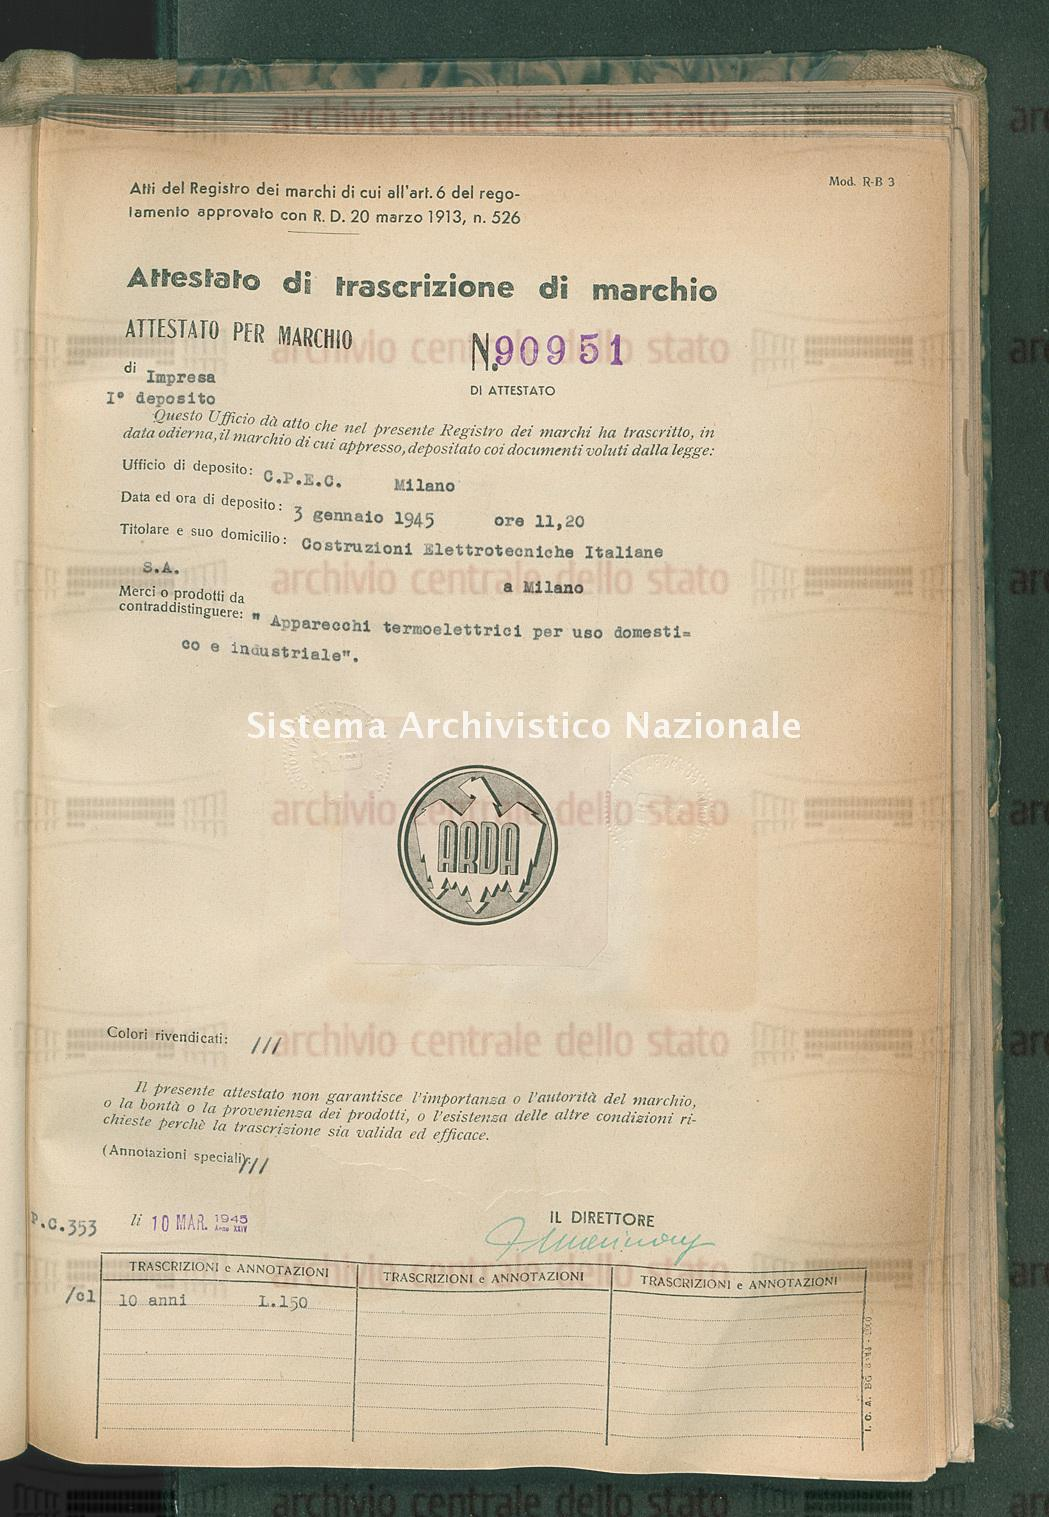 'Apparecchi termoelettrici per uso domestico e industriale'. Costruzioni Elettrotecniche Italiane (10/03/1945)